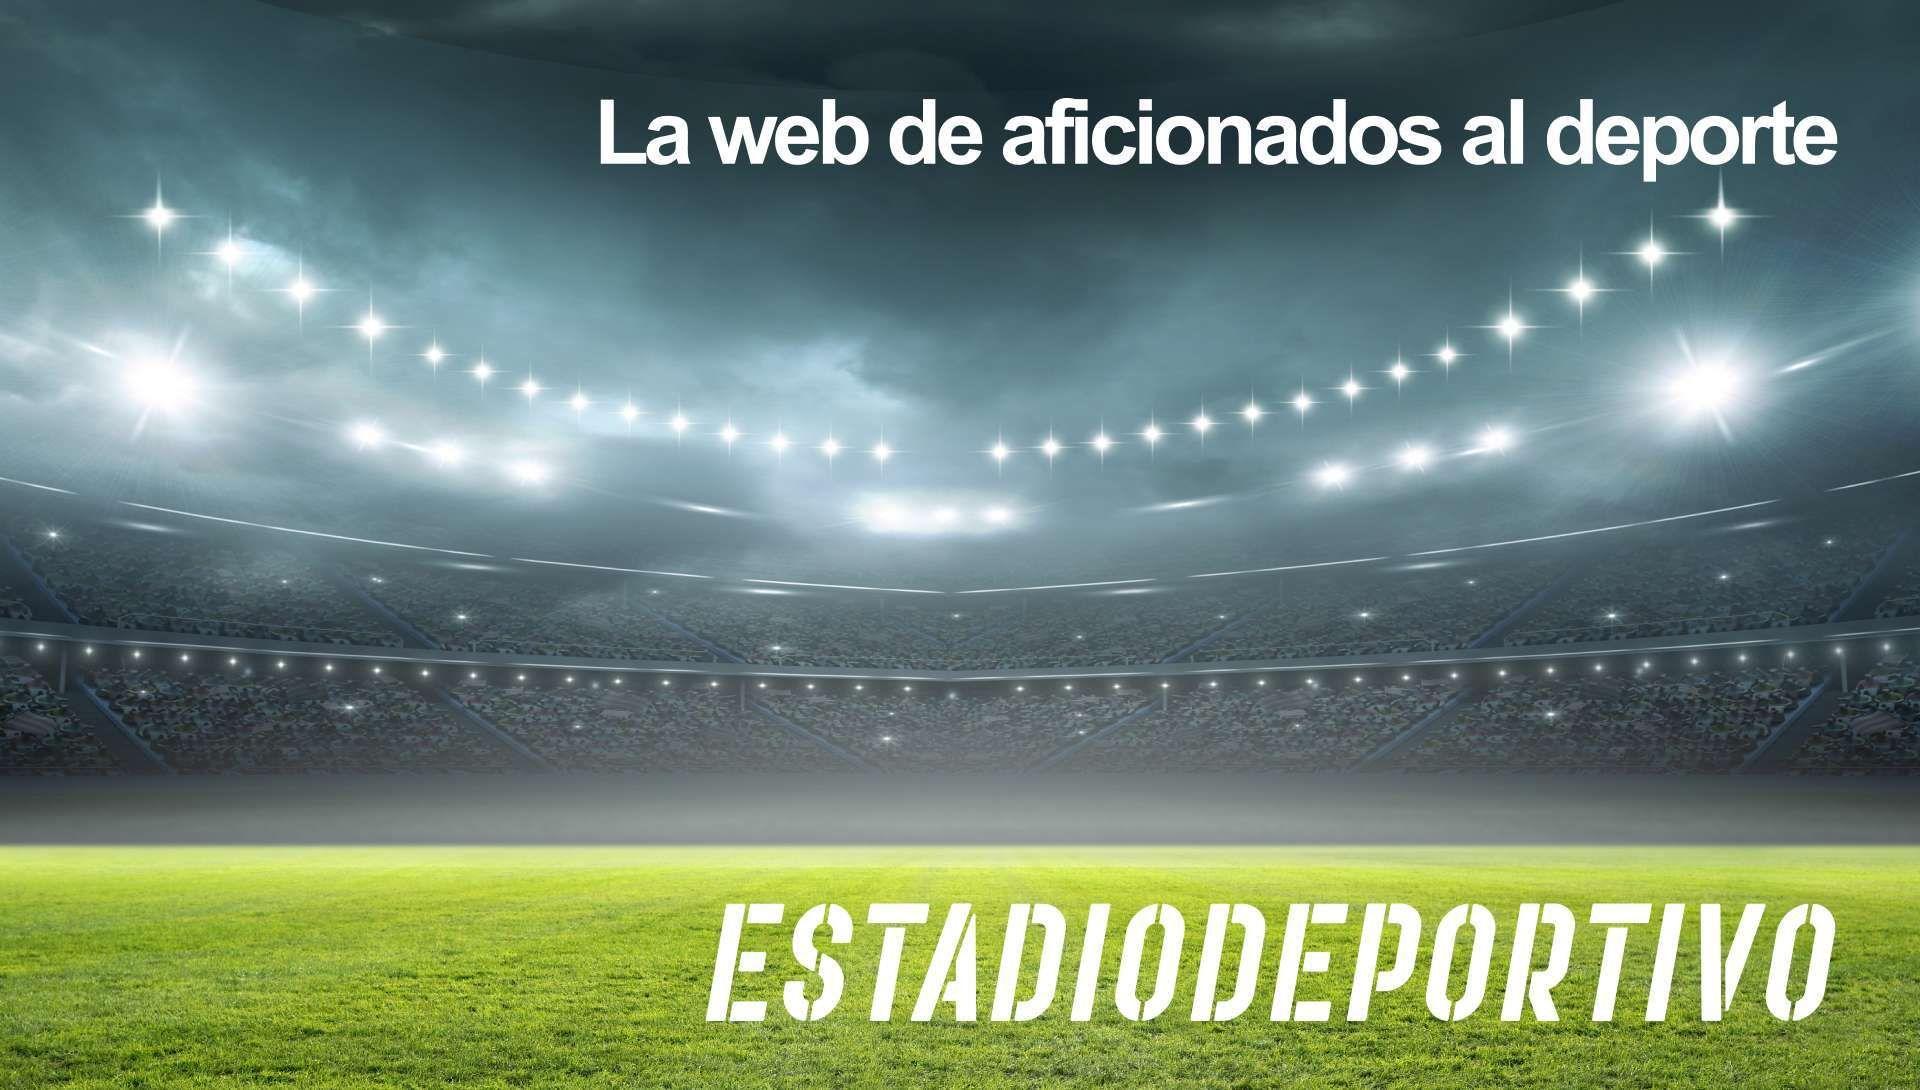 Las portadas del martes 10 de noviembre